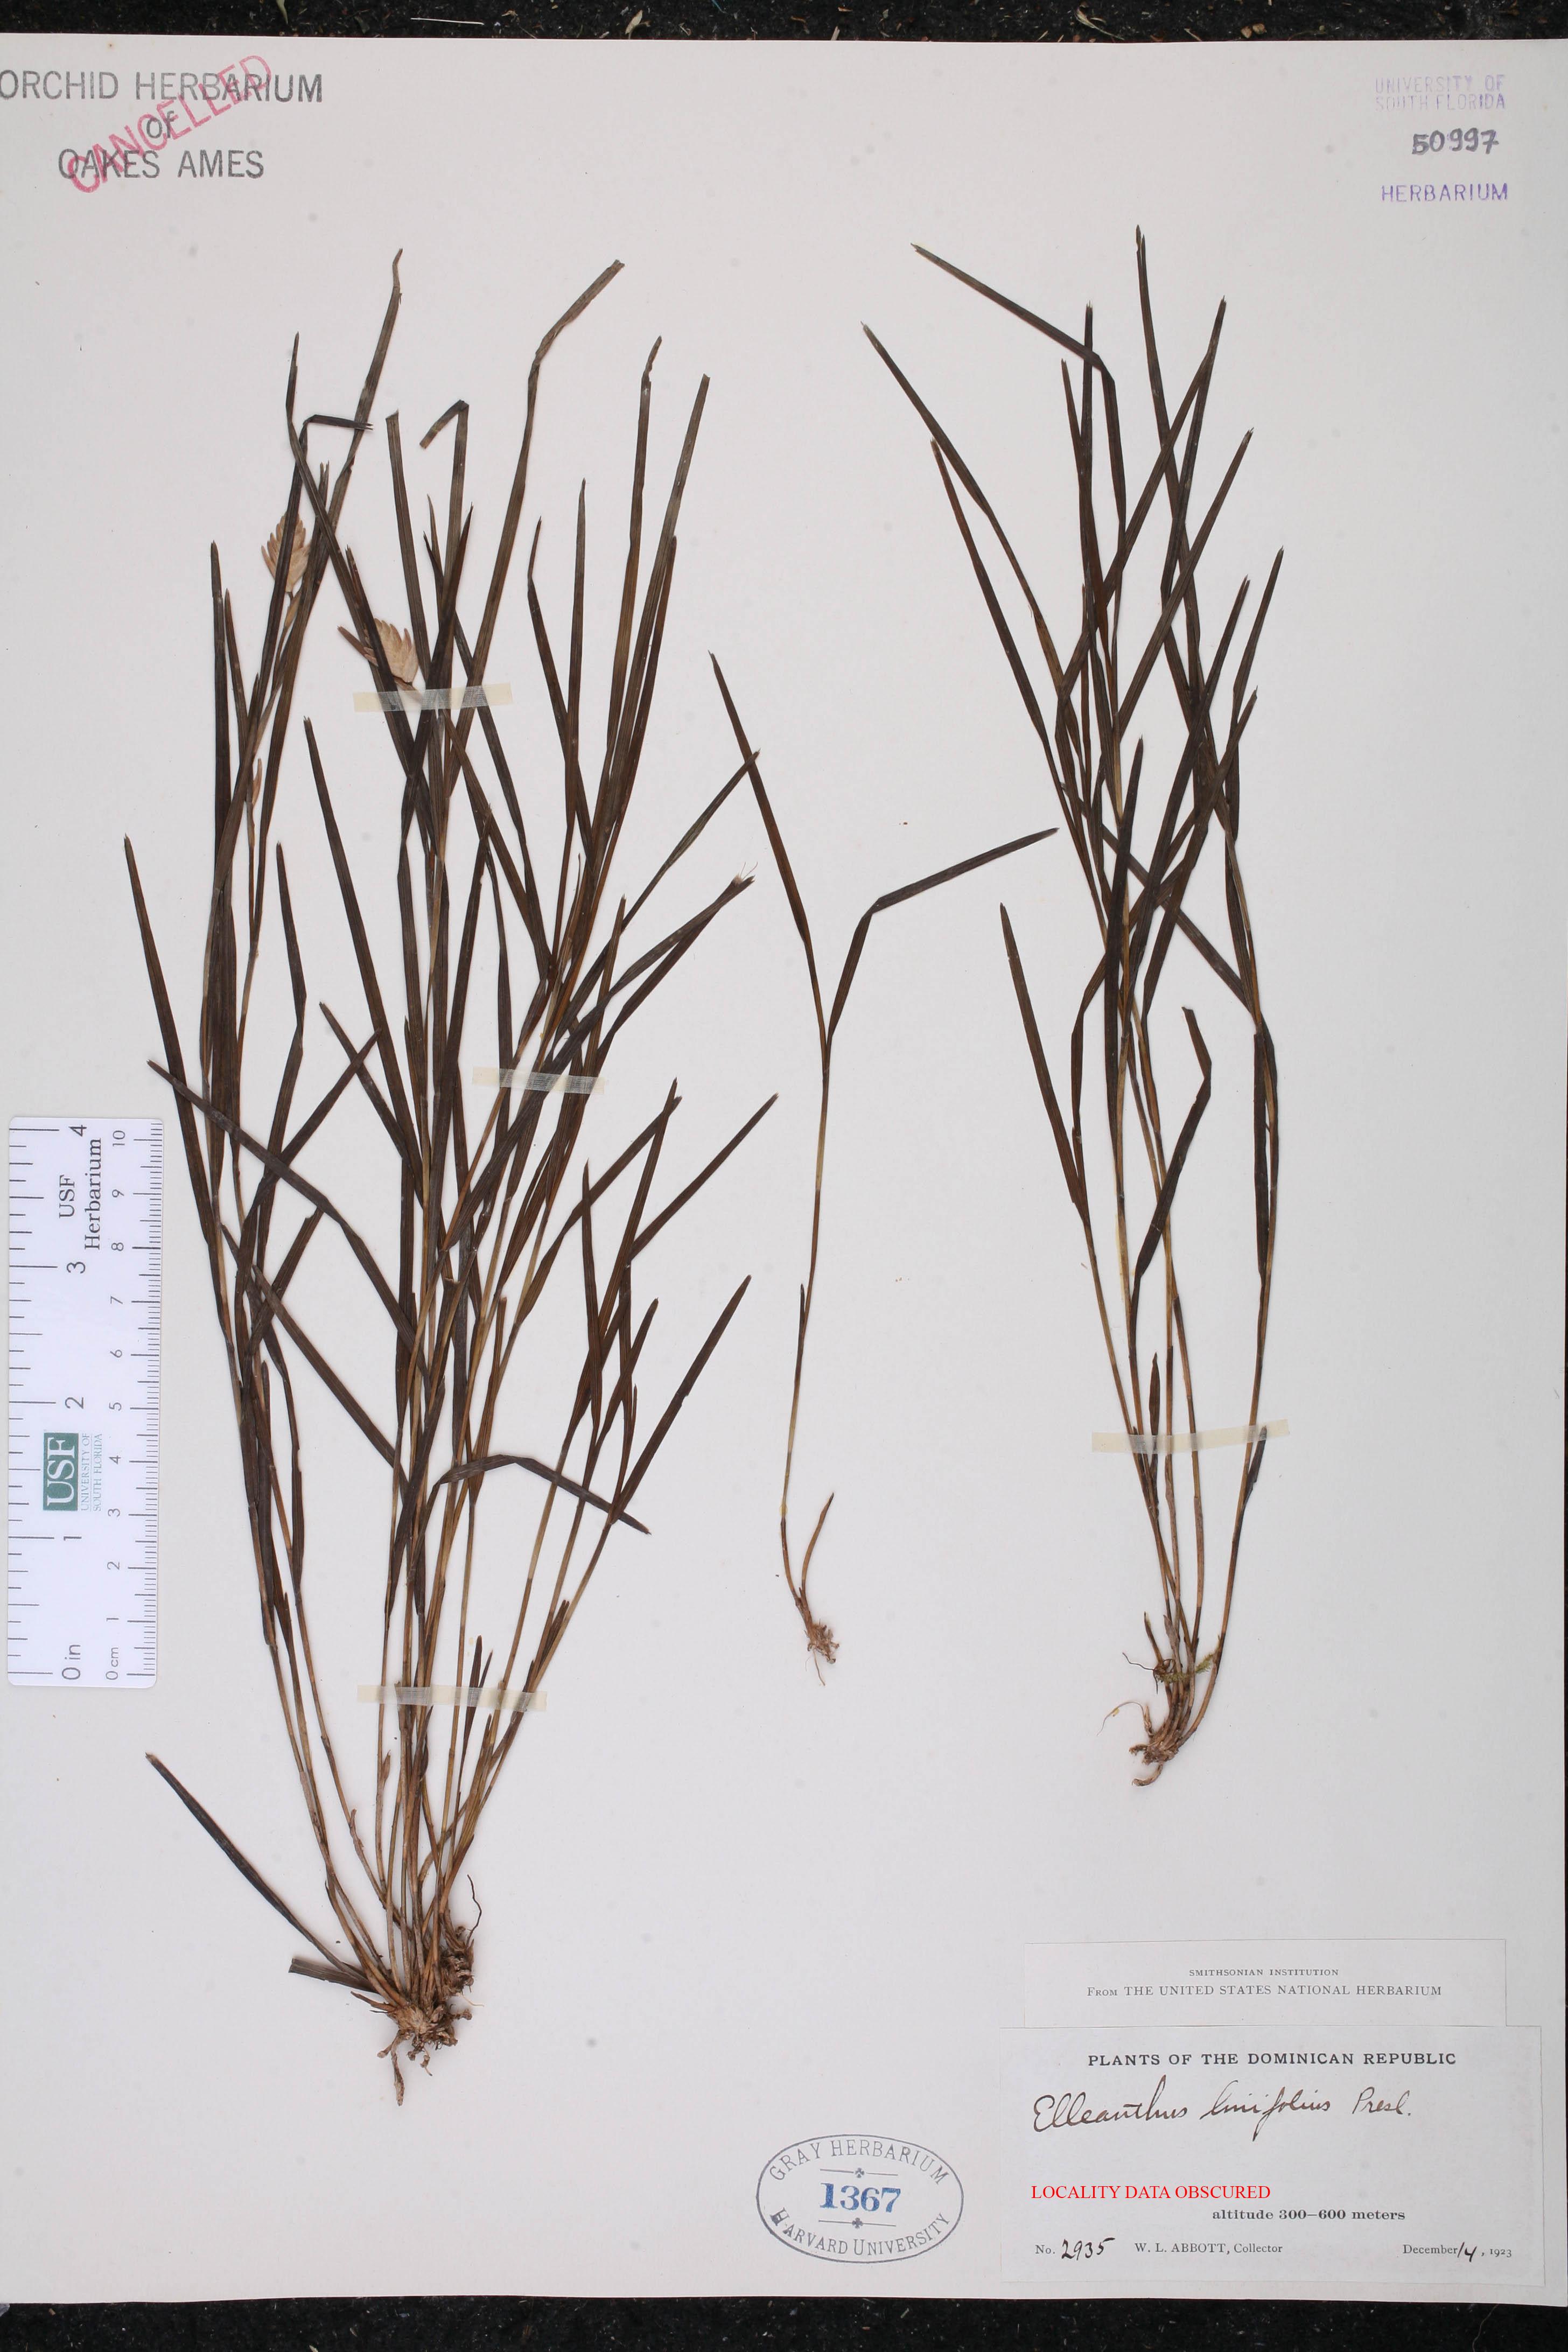 Elleanthus linifolius image